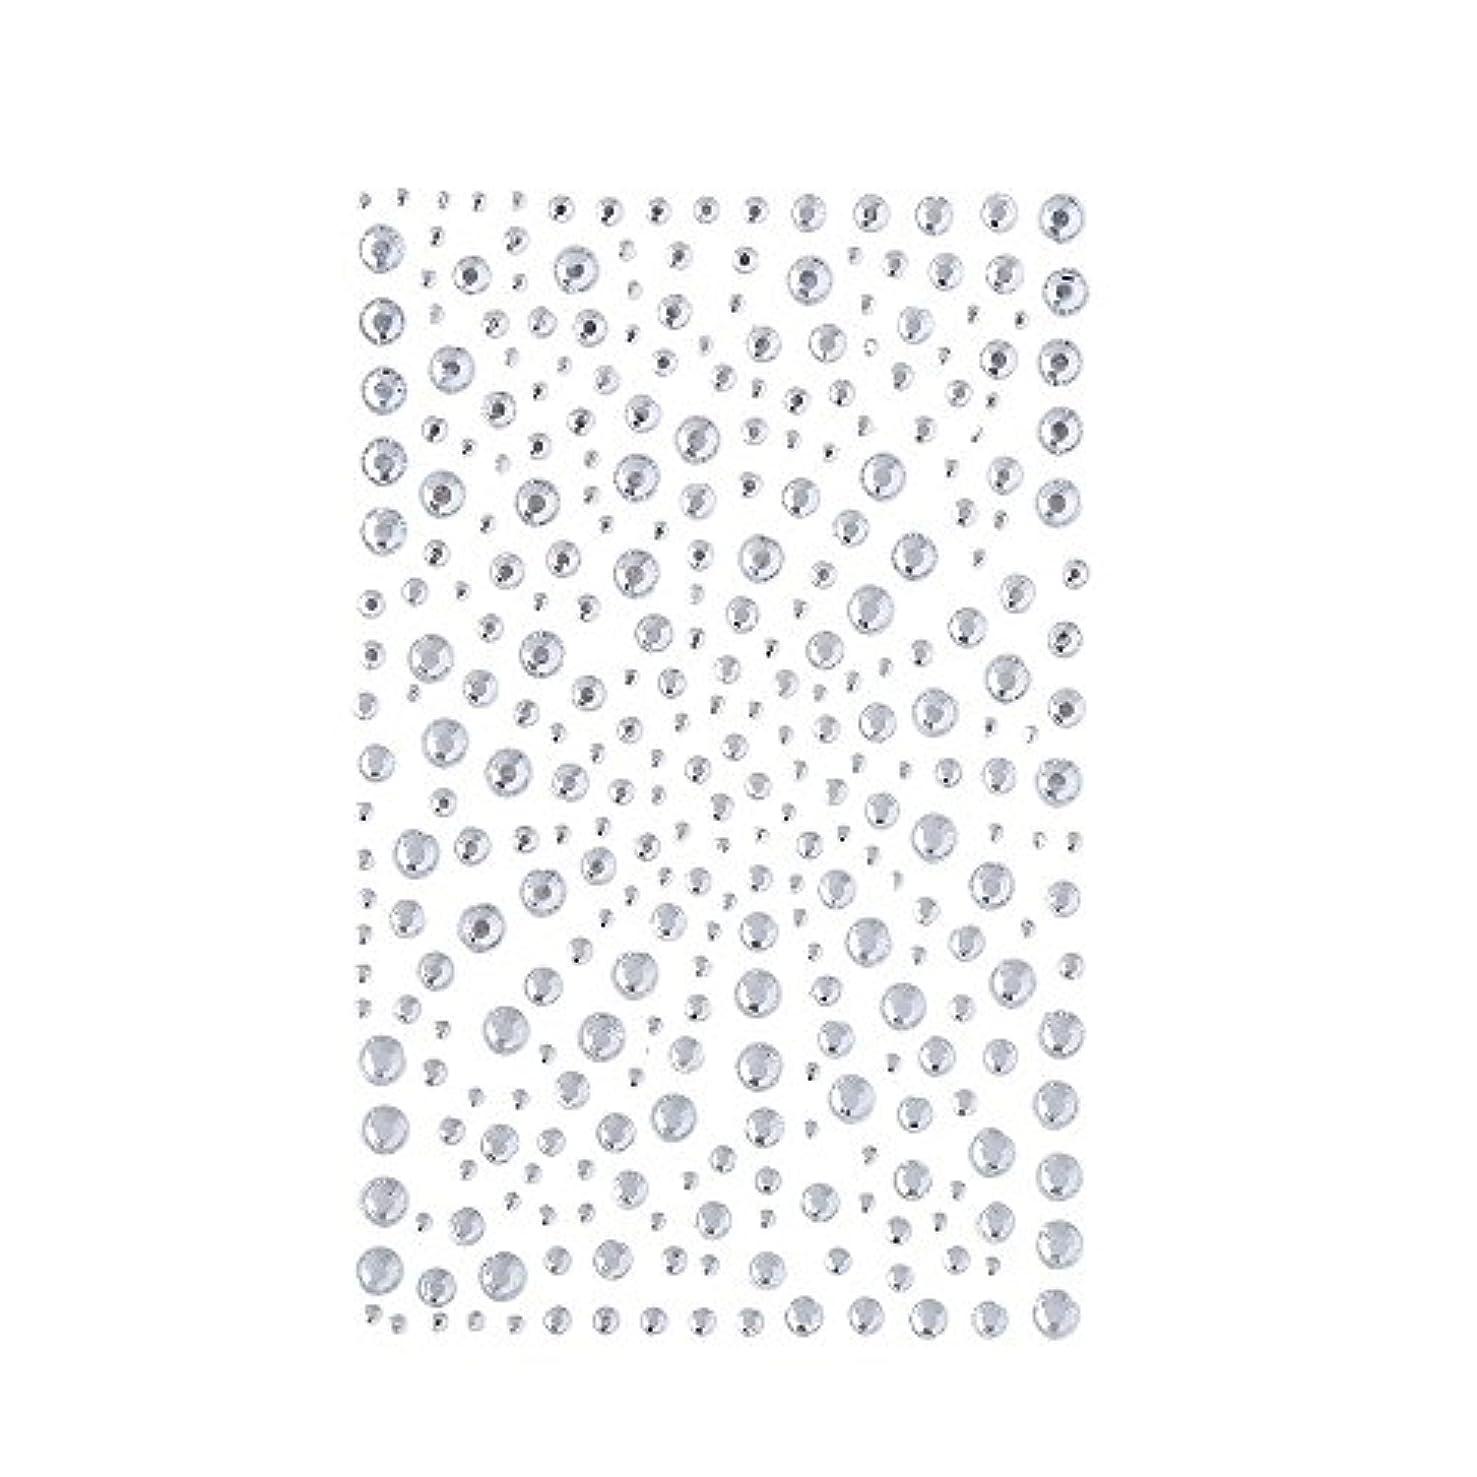 ラインストーン 人工ダイヤモンド スワロフスキー ホットフィックス 325粒 (白)